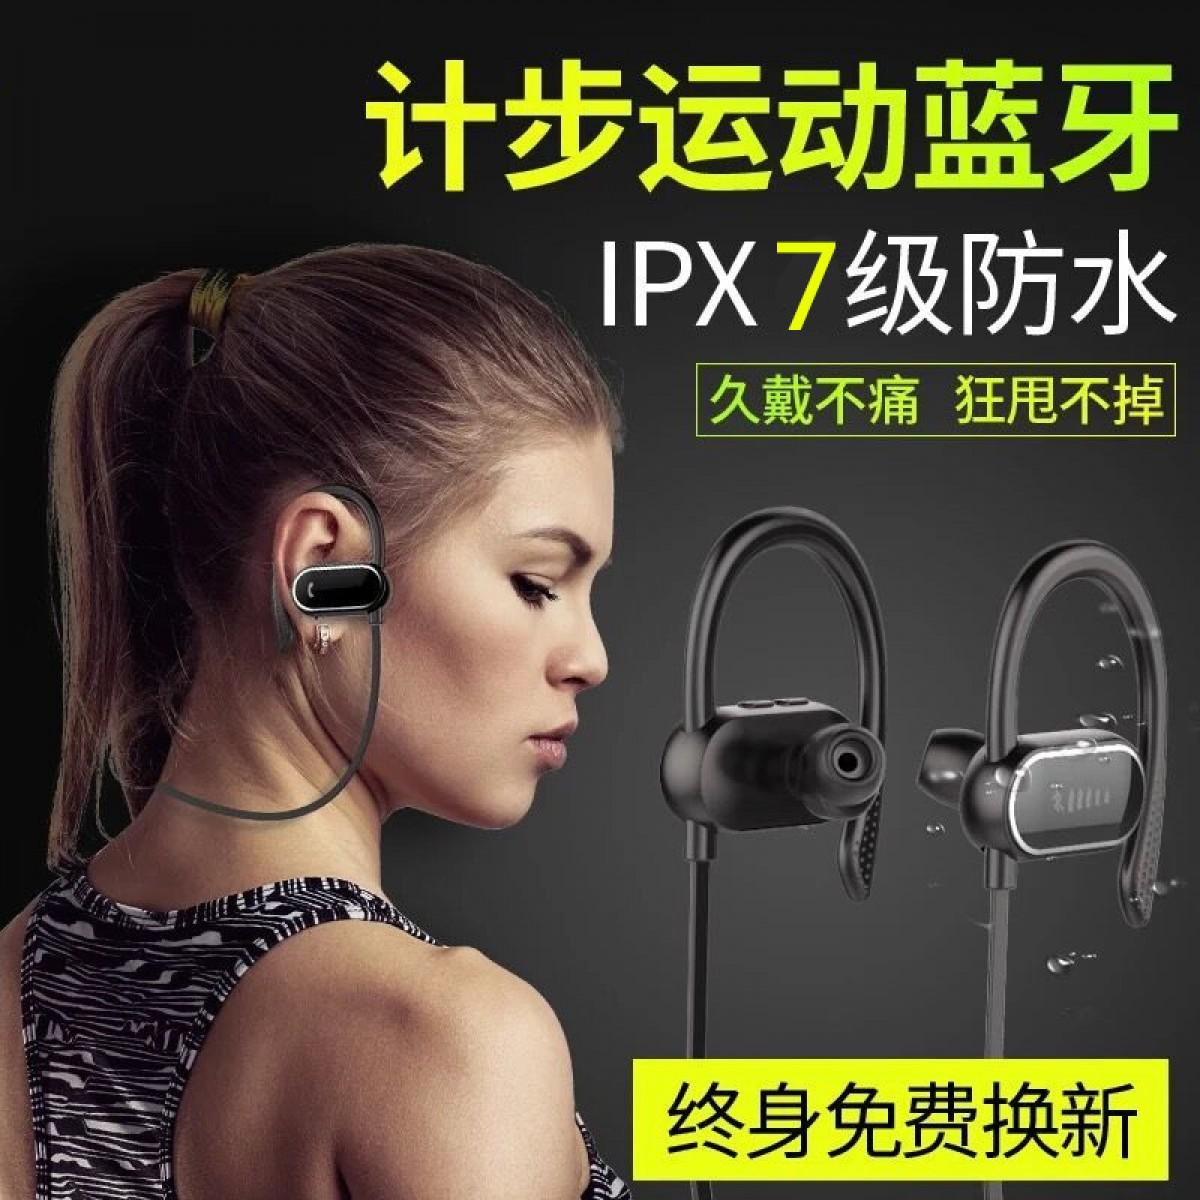 运动计步无线蓝牙耳机头戴式跑步重低音耳塞挂耳入耳式通用